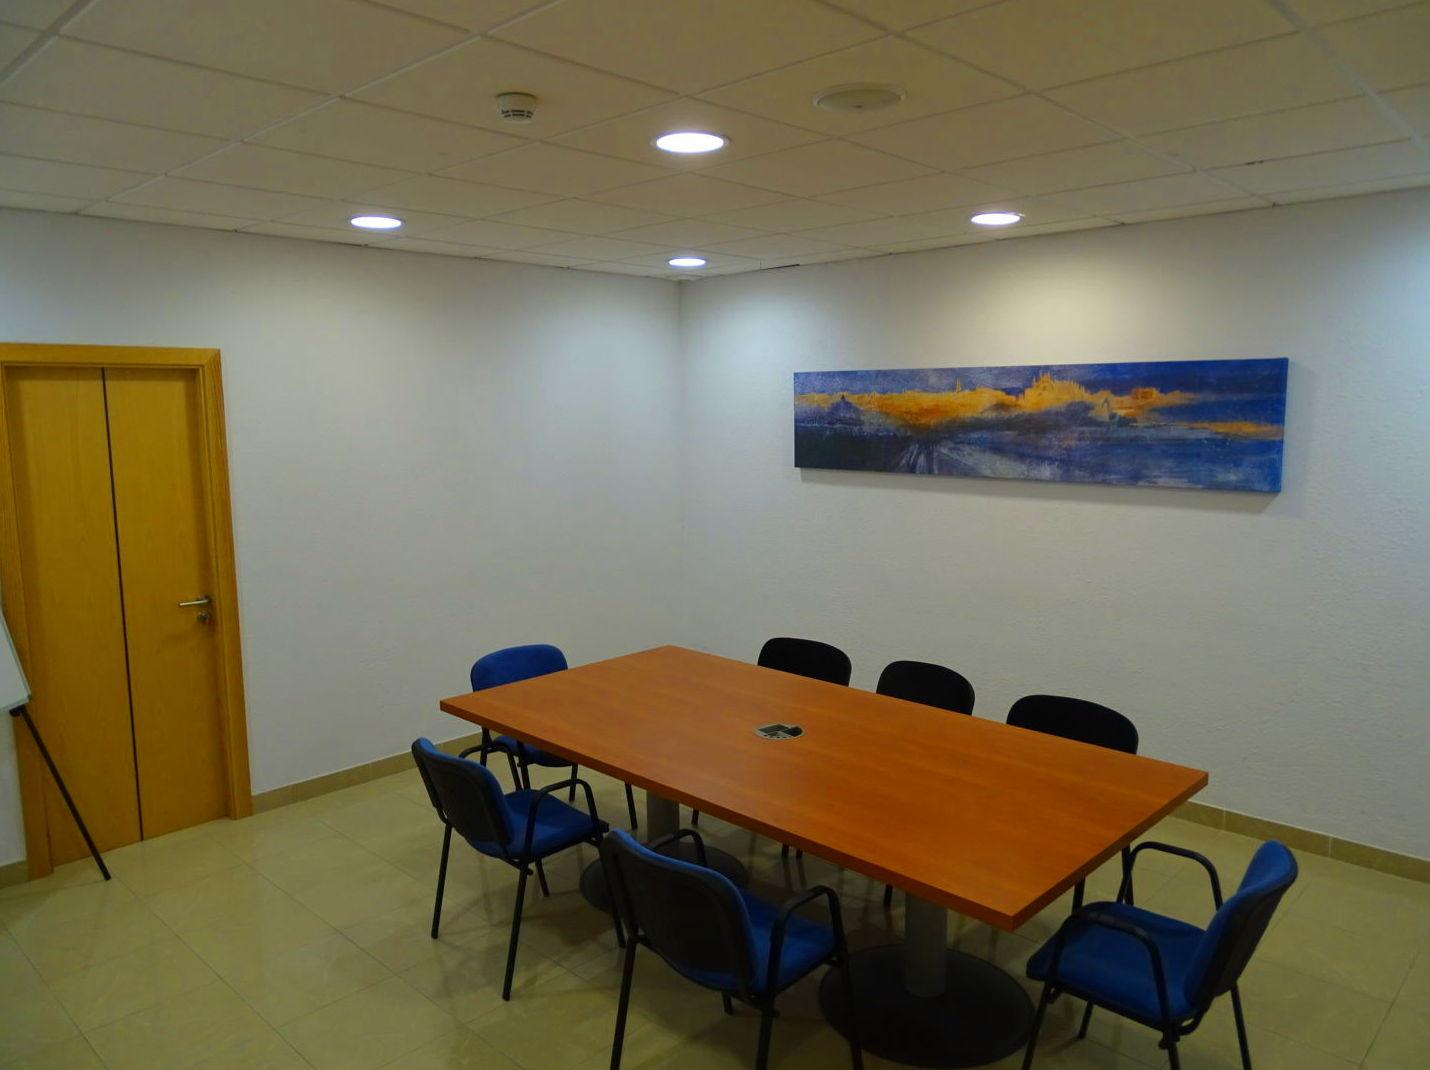 Foto 16 de Alquiler salas totalmente equipadas en Palma de Mallorca | Centro de negocios Son Castelló